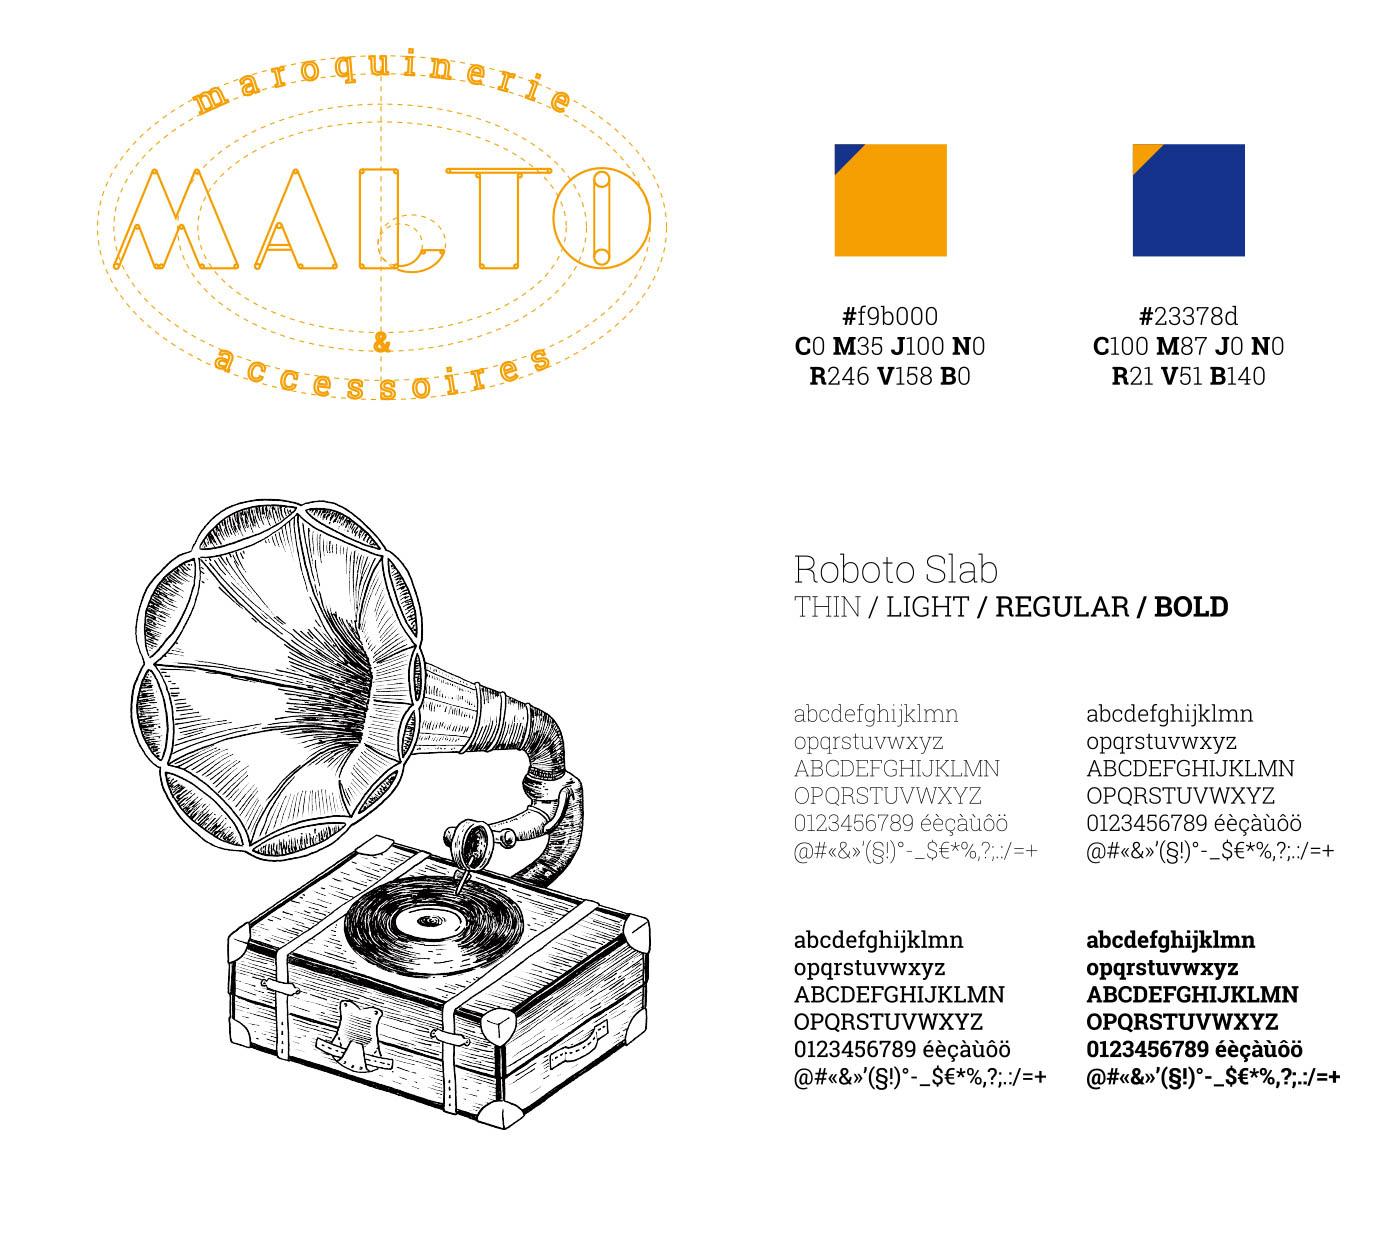 Charte graphique et illustration de gramophone de Malto créées par Superfruit